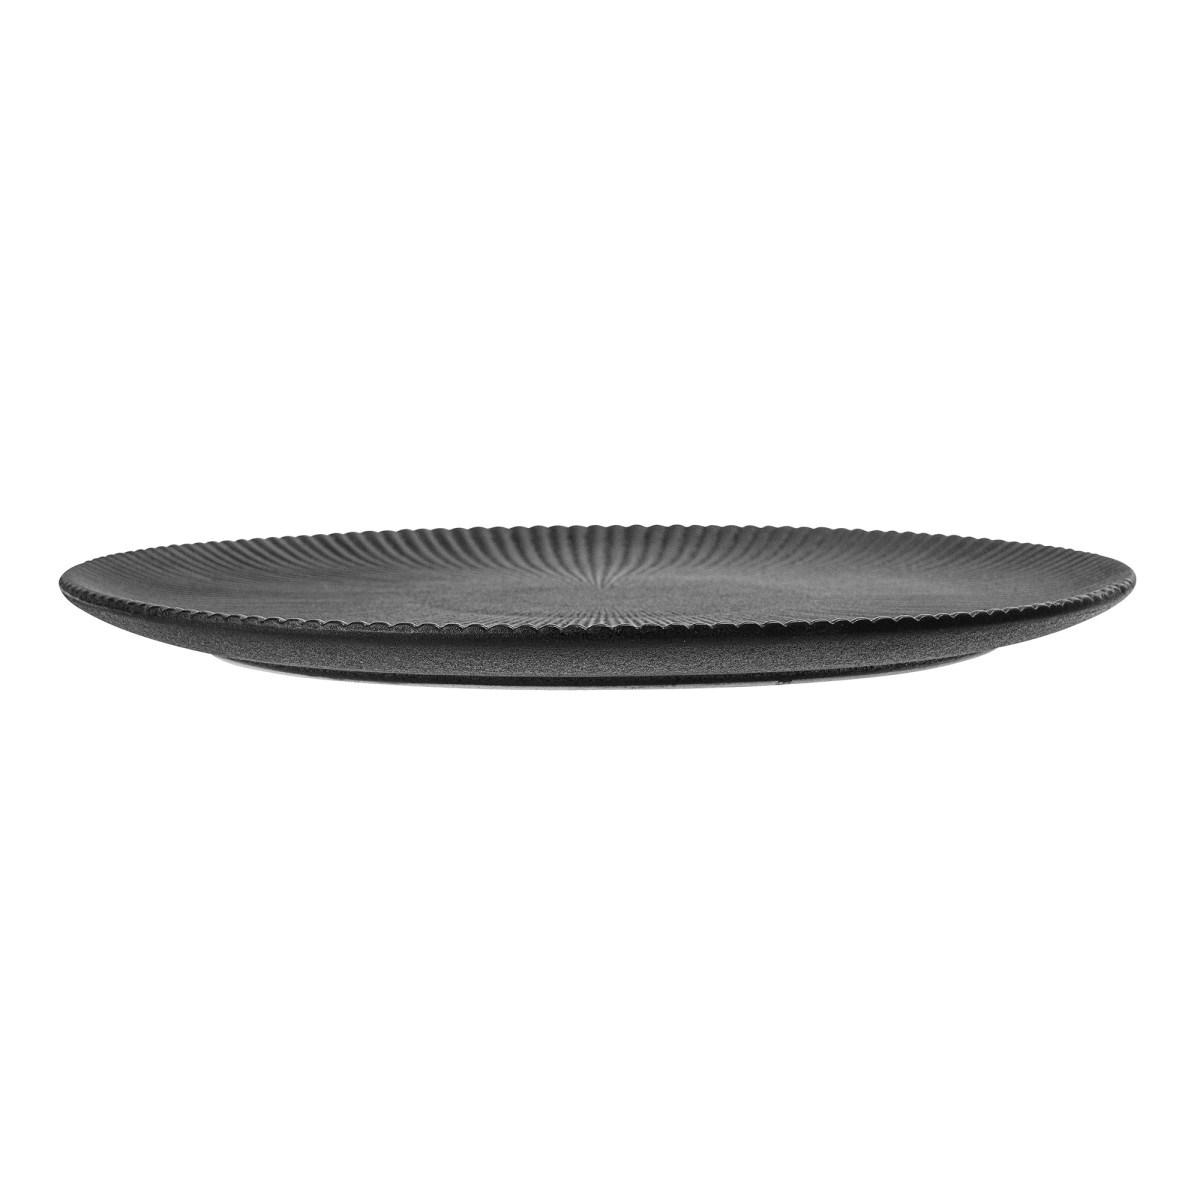 Černý kameninový talíř Neri - 29 cm_0